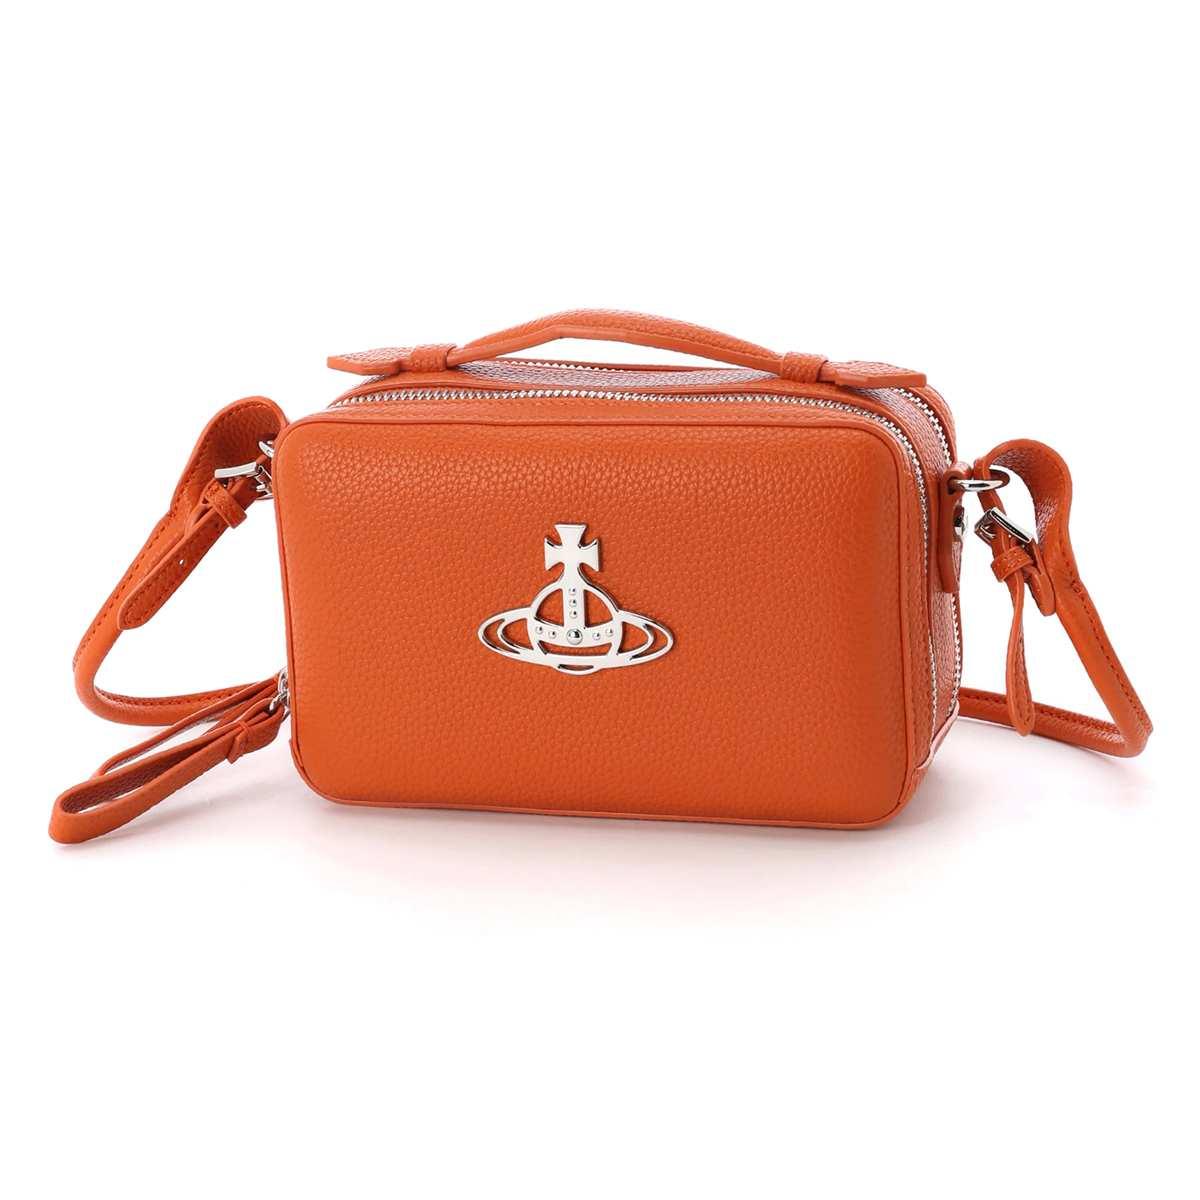 ヴィヴィアンウエストウッド Vivienne Westwood ショルダーバッグ クロスボディバッグ オレンジ レディース 44020074 01229 f402 orange JOHANNA GRAIN CAMERA【あす楽対応_関東】【返品送料無料】【ラッピング無料】